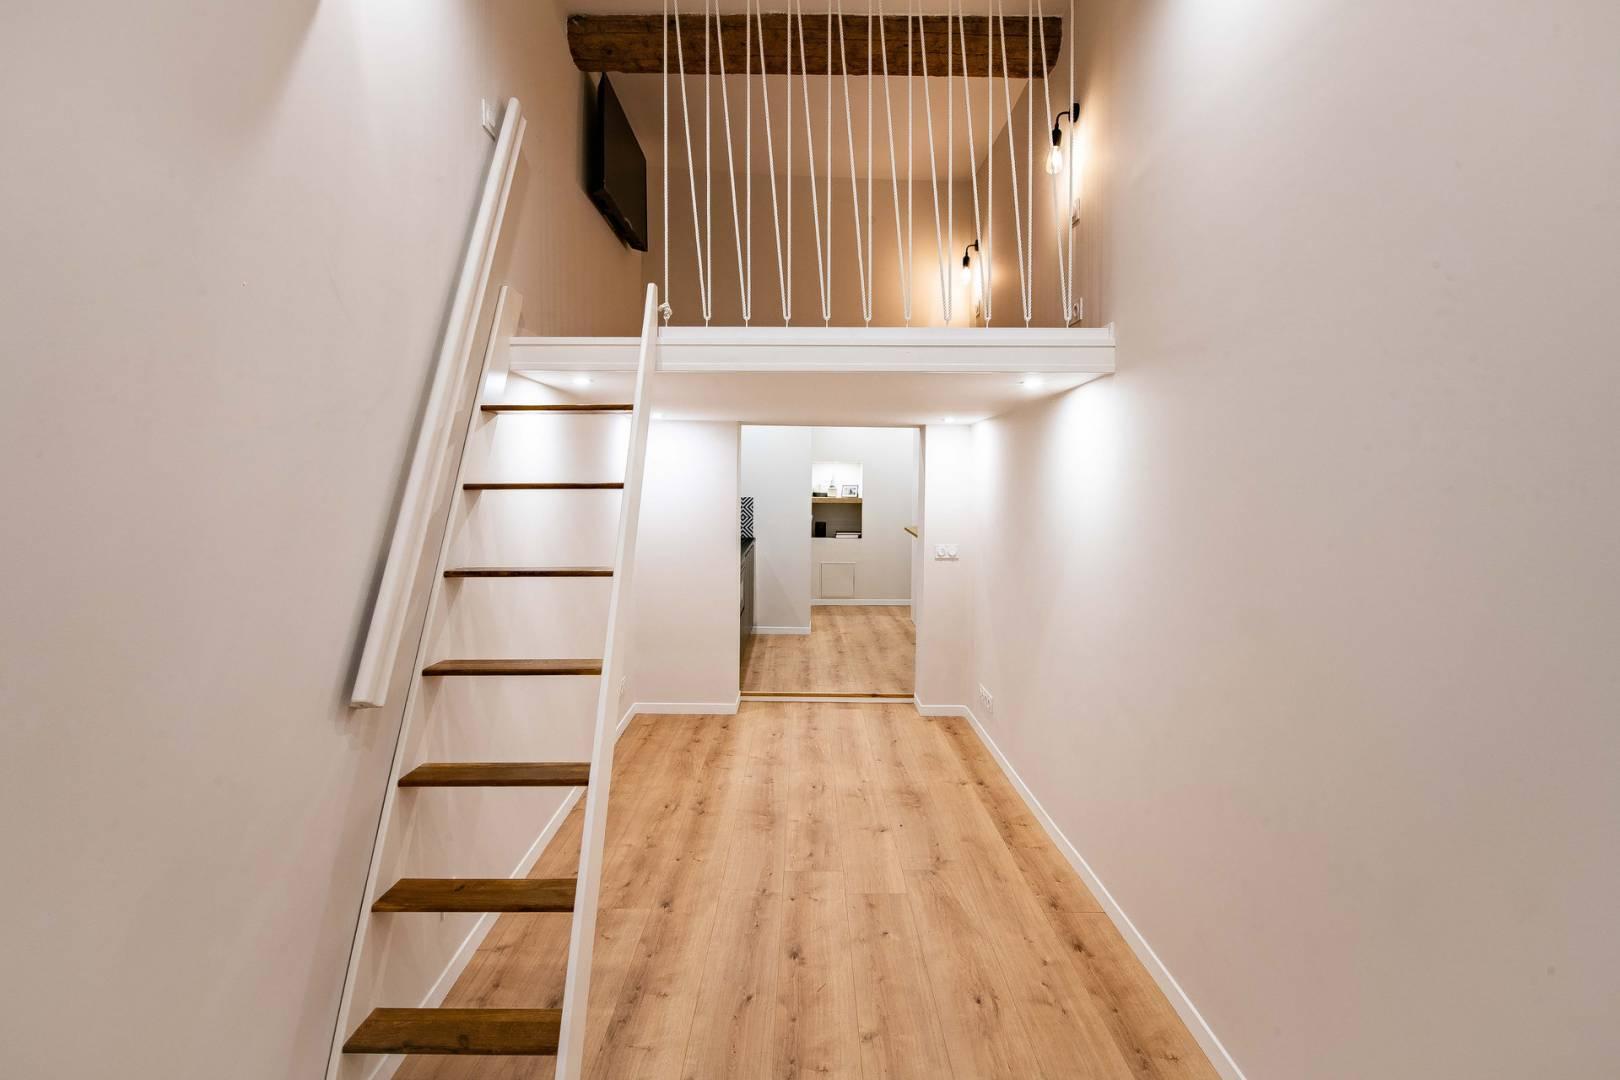 Escalier Hauteur sous plafond Parquet